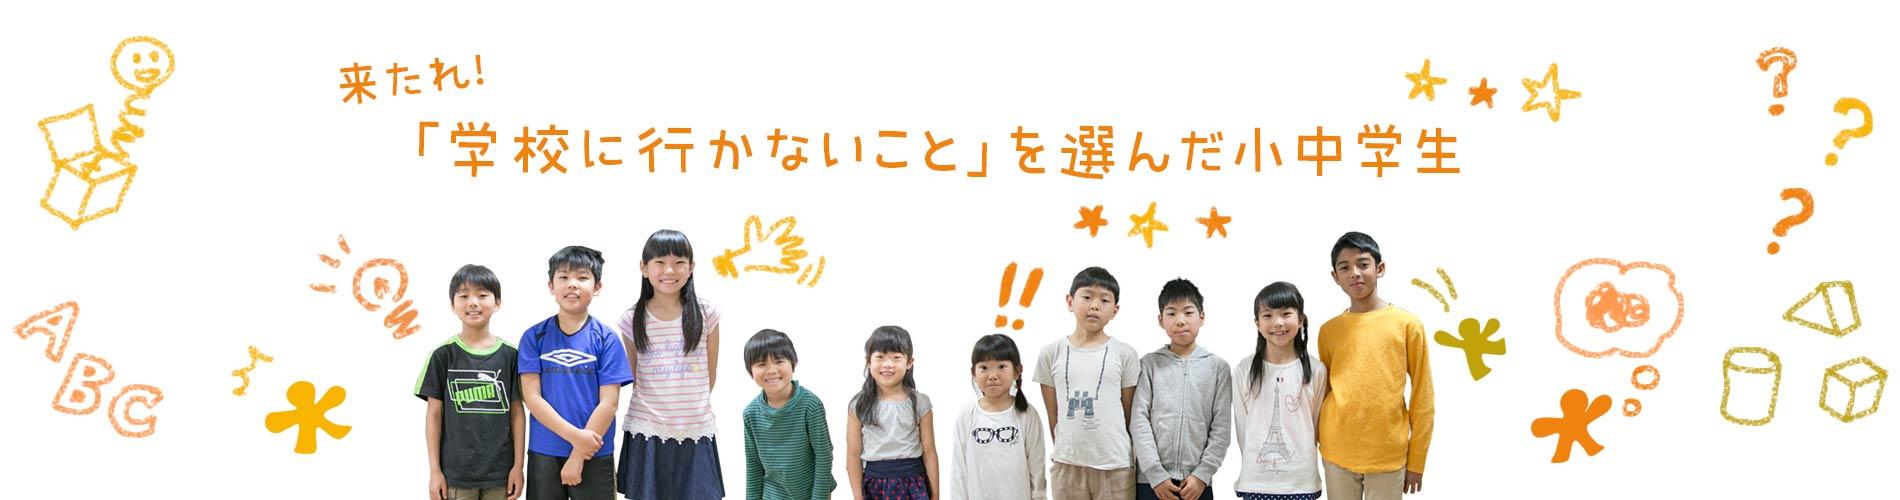 来たれ!学校の「枠」におさまりきれない個性あふれる小中学生